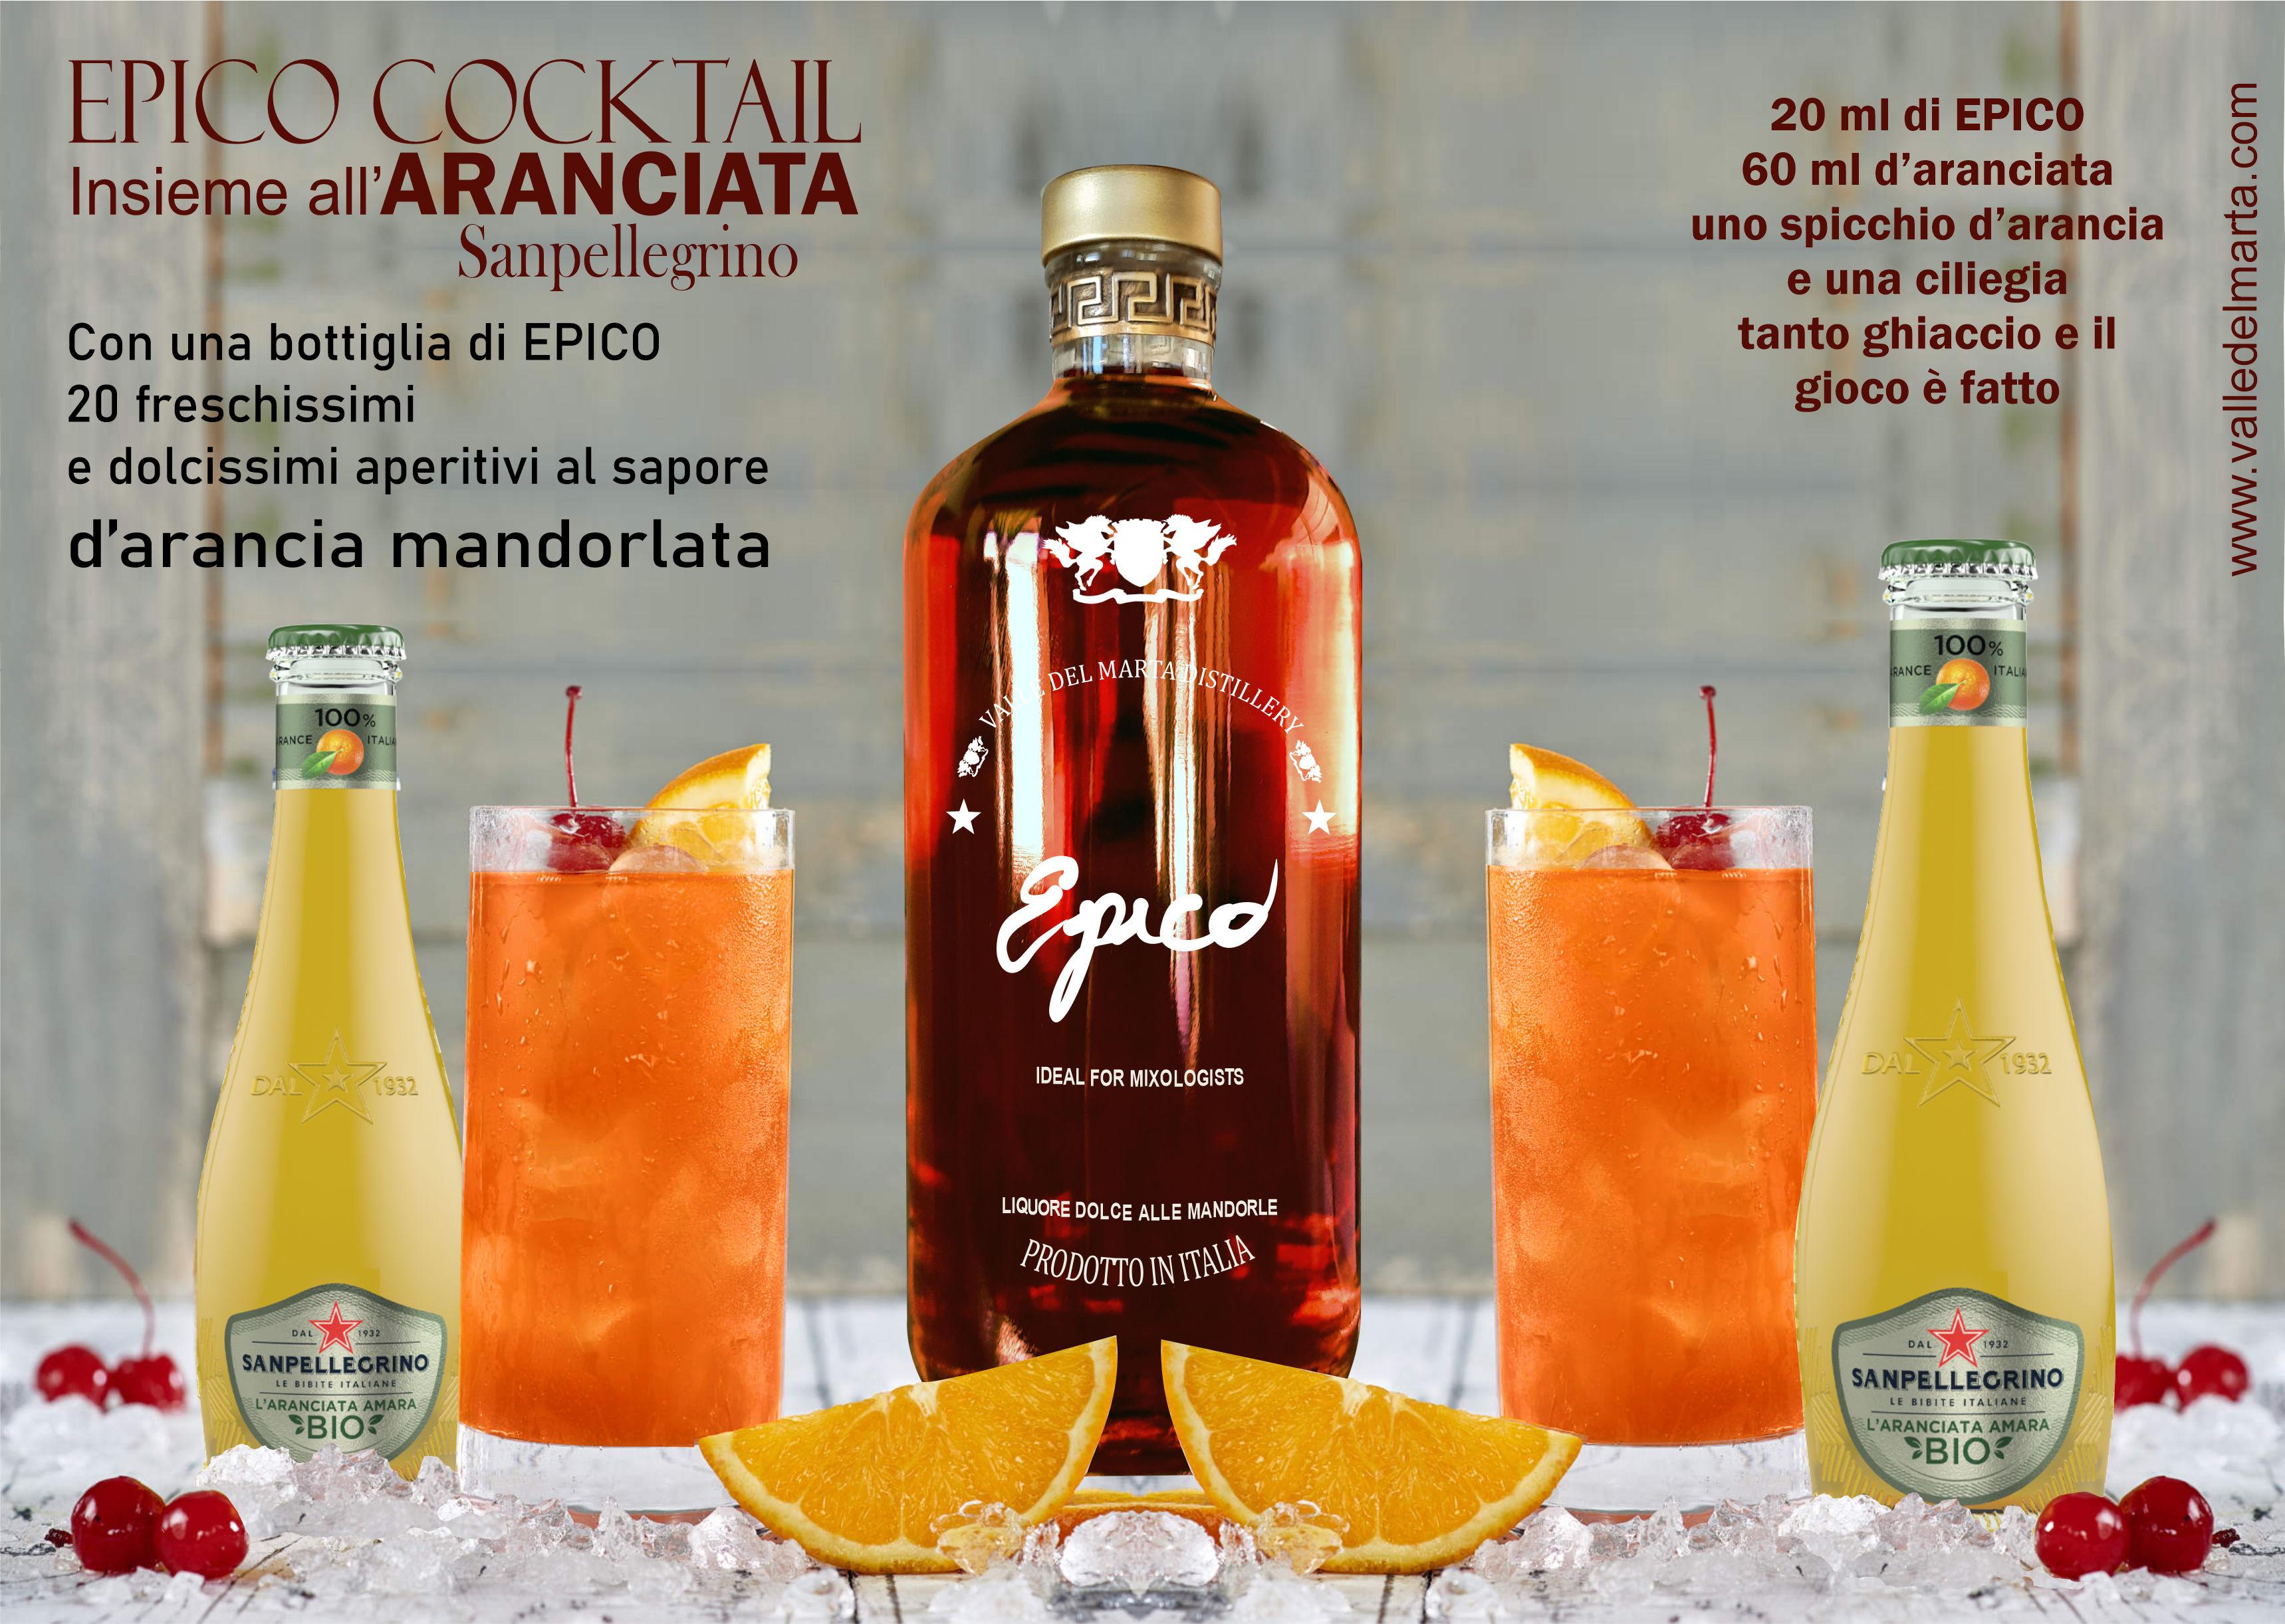 epico offerta cocktail dell'estate 4